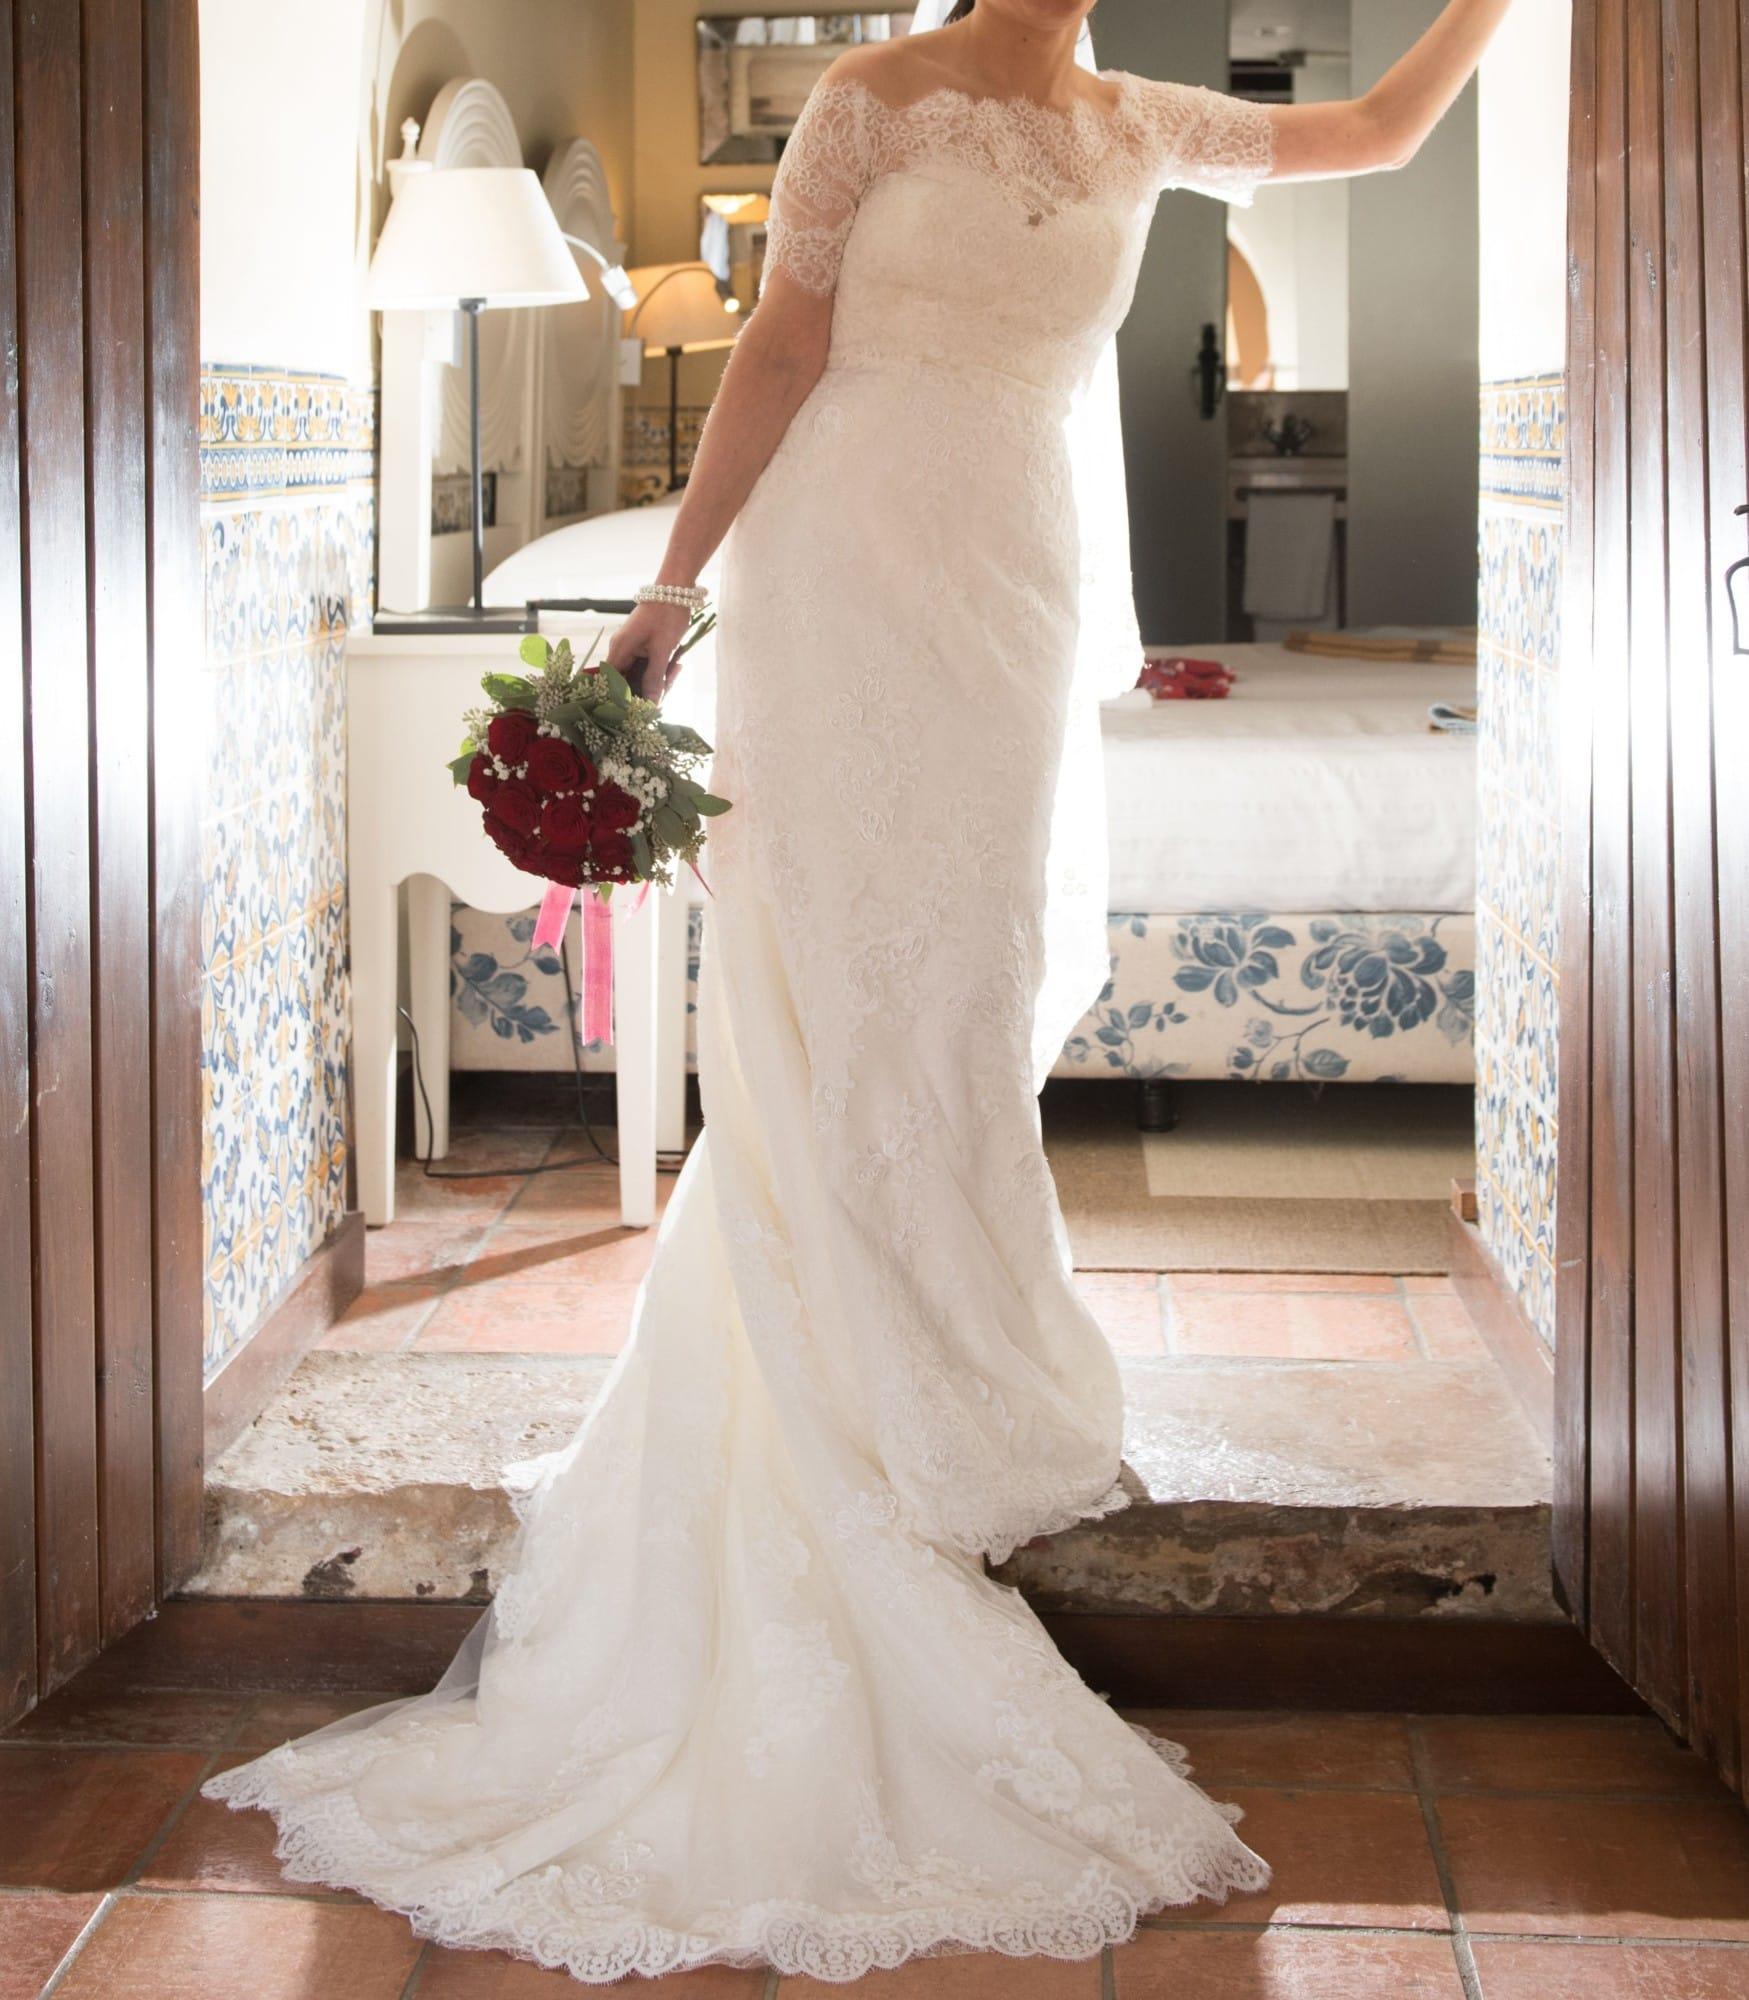 Pronovias Princia Ivory Lace Wedding Dress, Veil And